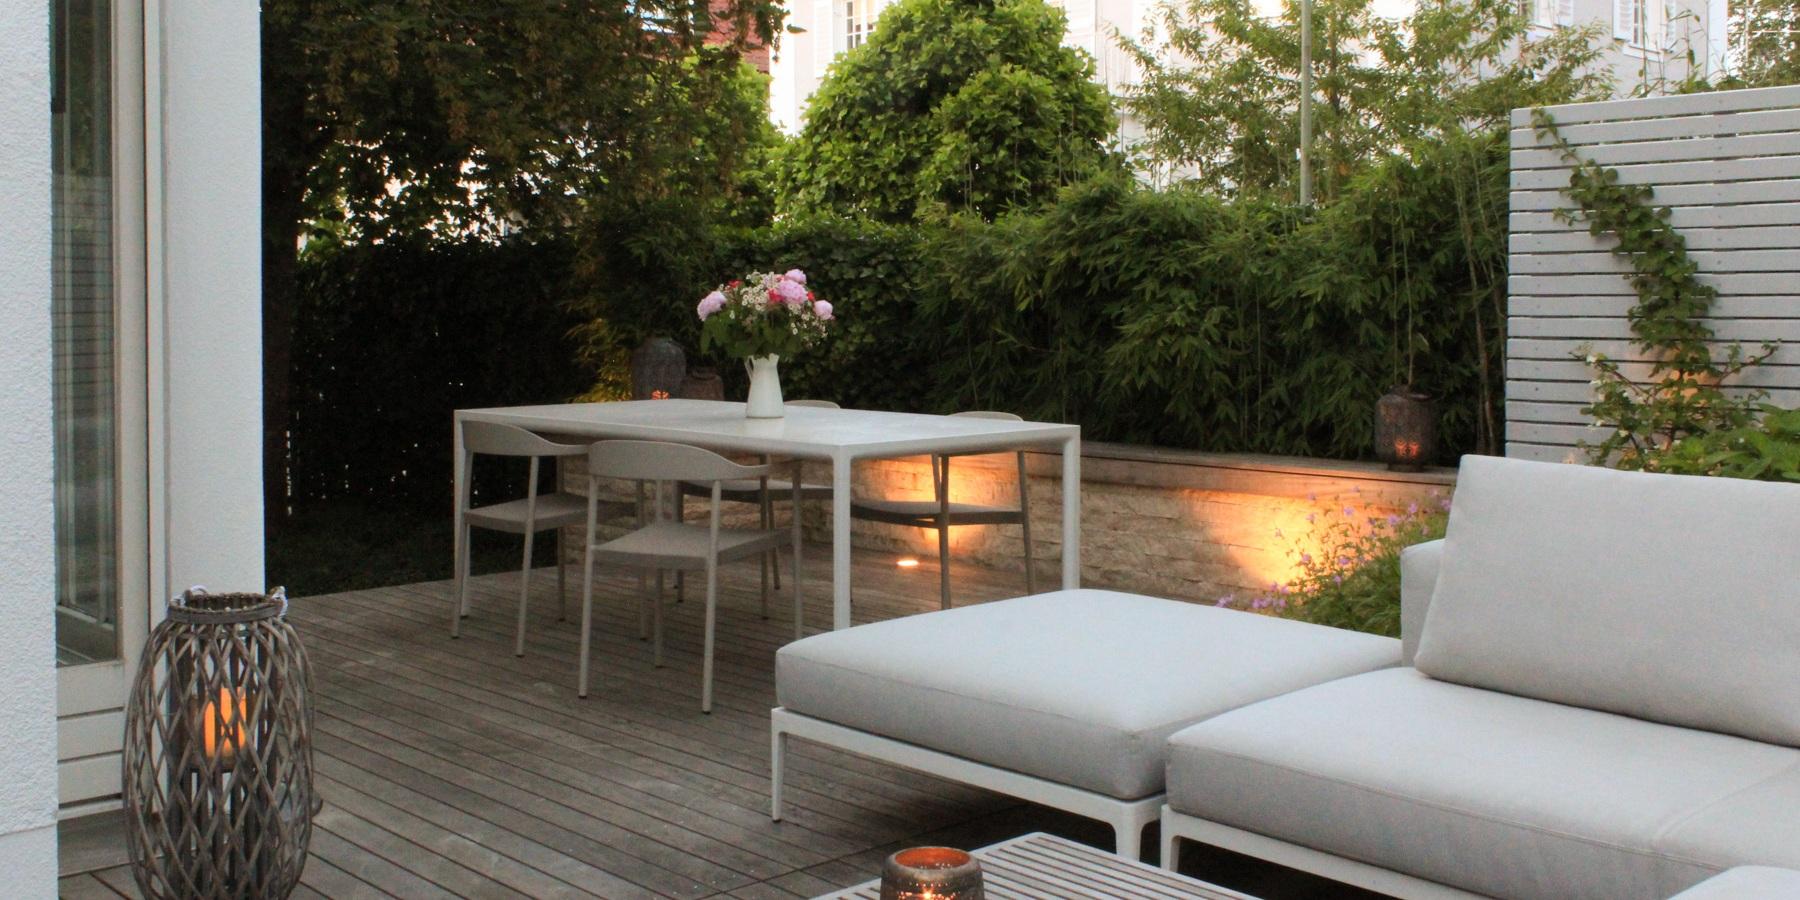 Loungeplatz zum Chillen: Sitzmauer aus Travertin, beleuchtet.